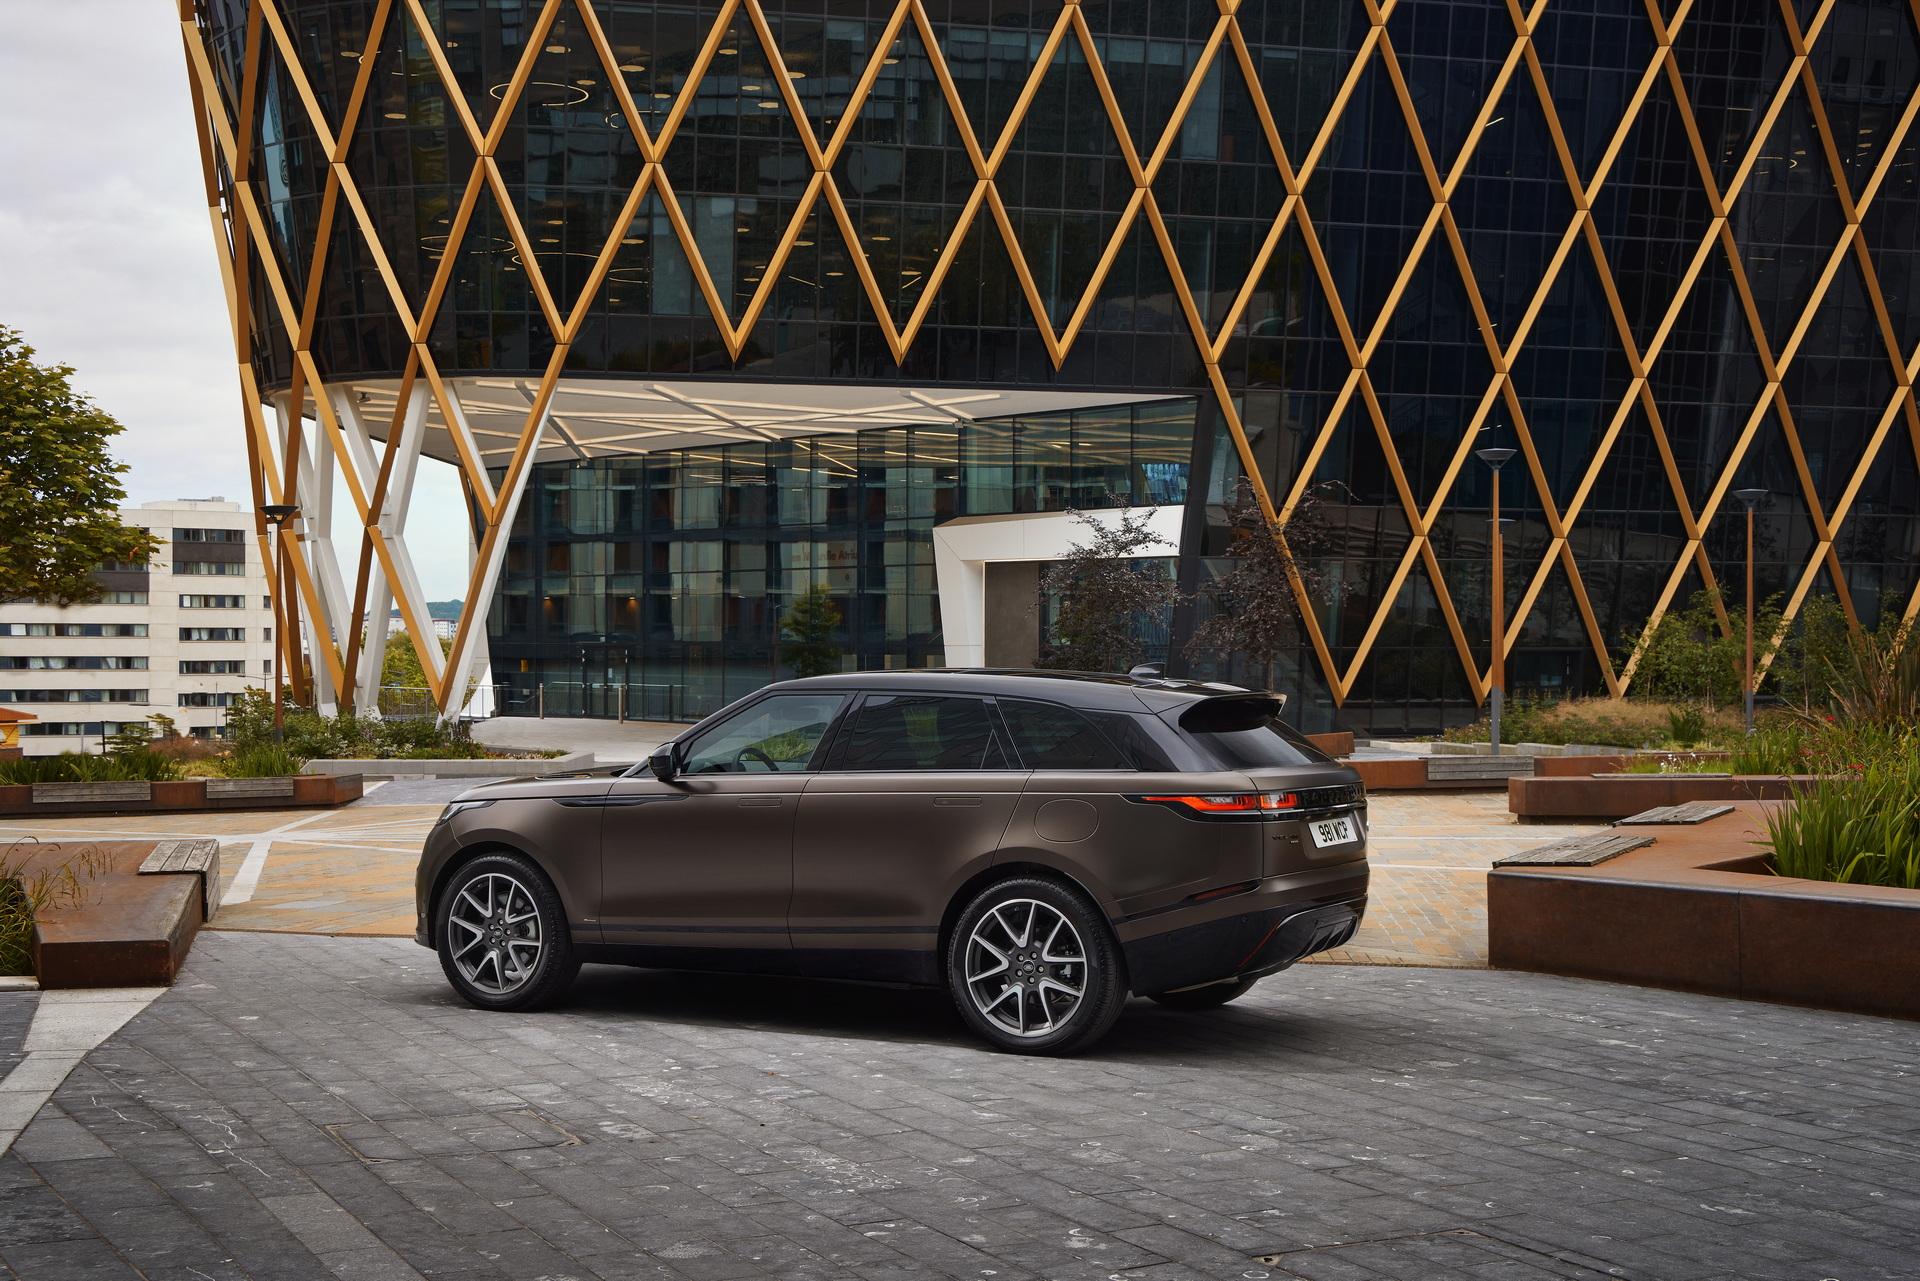 Land-Rover-ra-mắt-Range-Rover-Velar-2022-với-nhiều-nâng-cấp (10).jpg